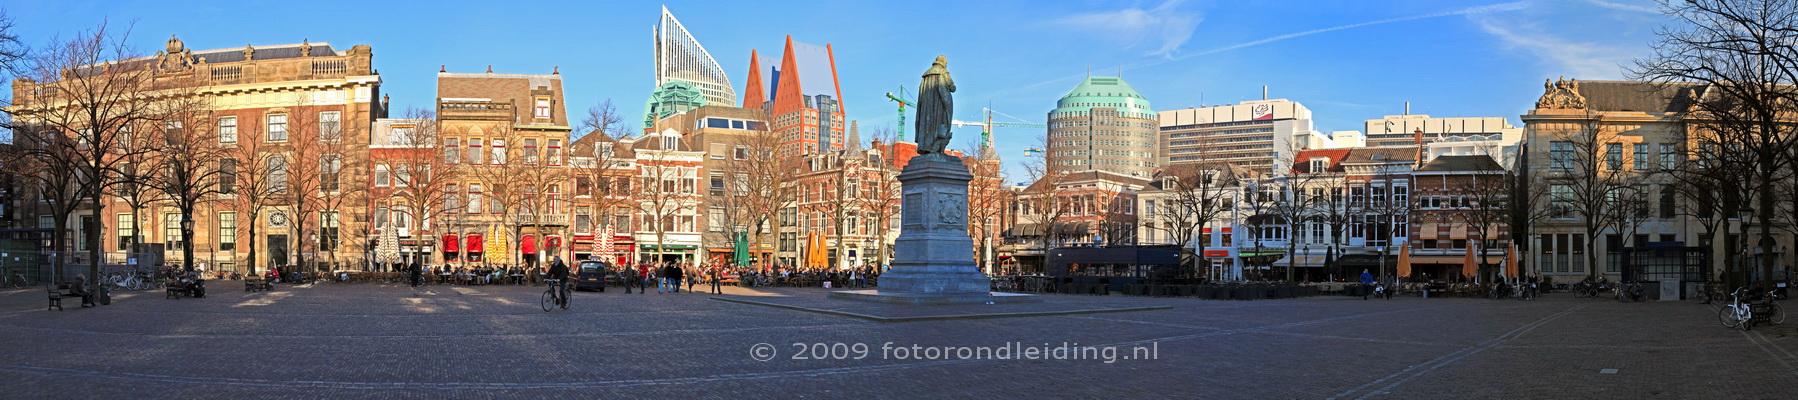 pano E118 Den Haag Plein maart 2009